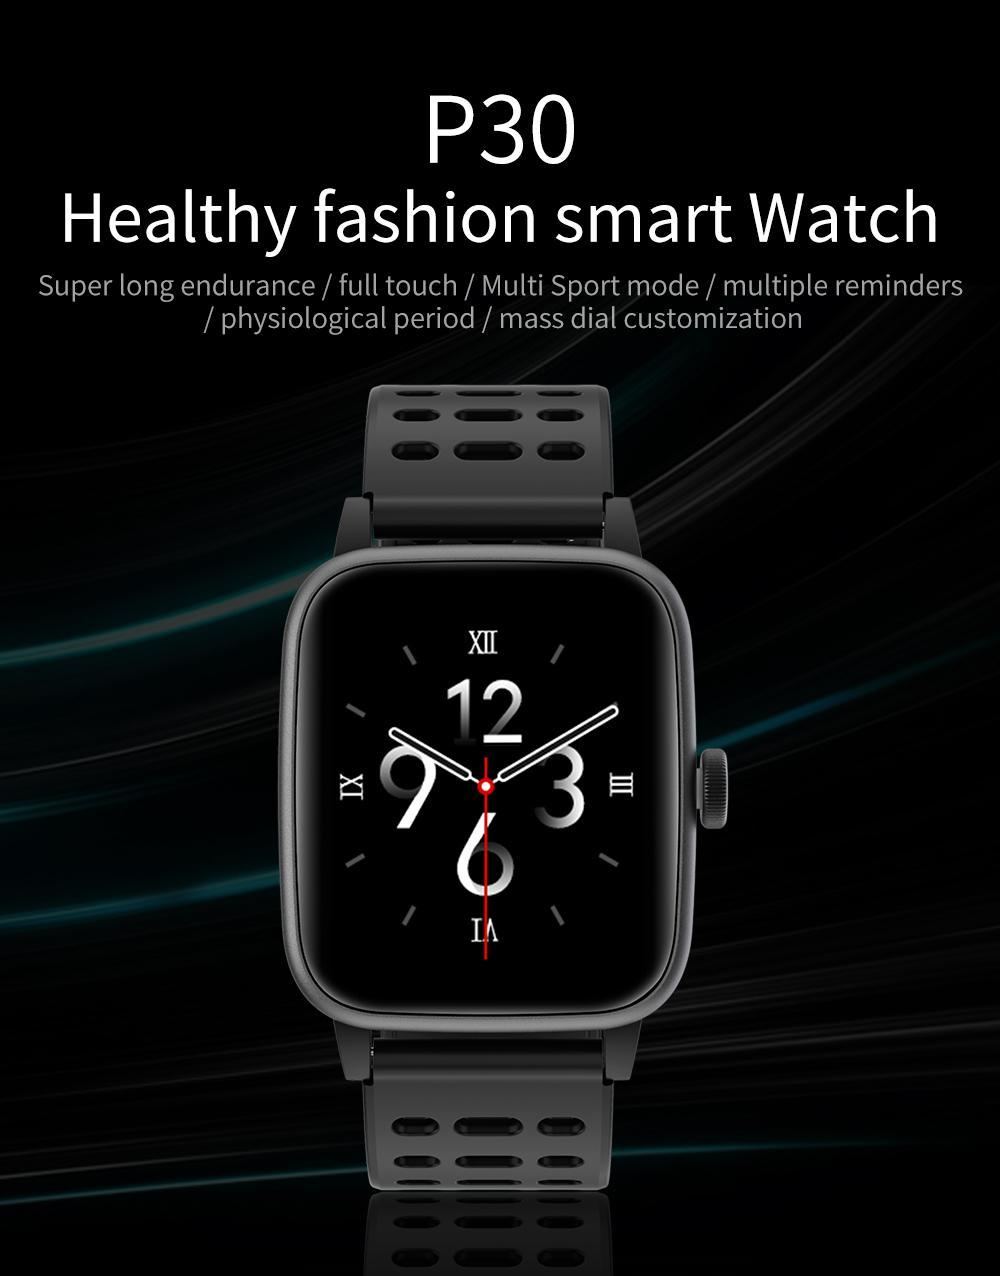 P30 Akıllı İzle DIY Yüzler Kalp Hızı Kan Basıncı IP68 Su Geçirmez Birden Çok Spor Modu Kadın Erkek Smartwatch